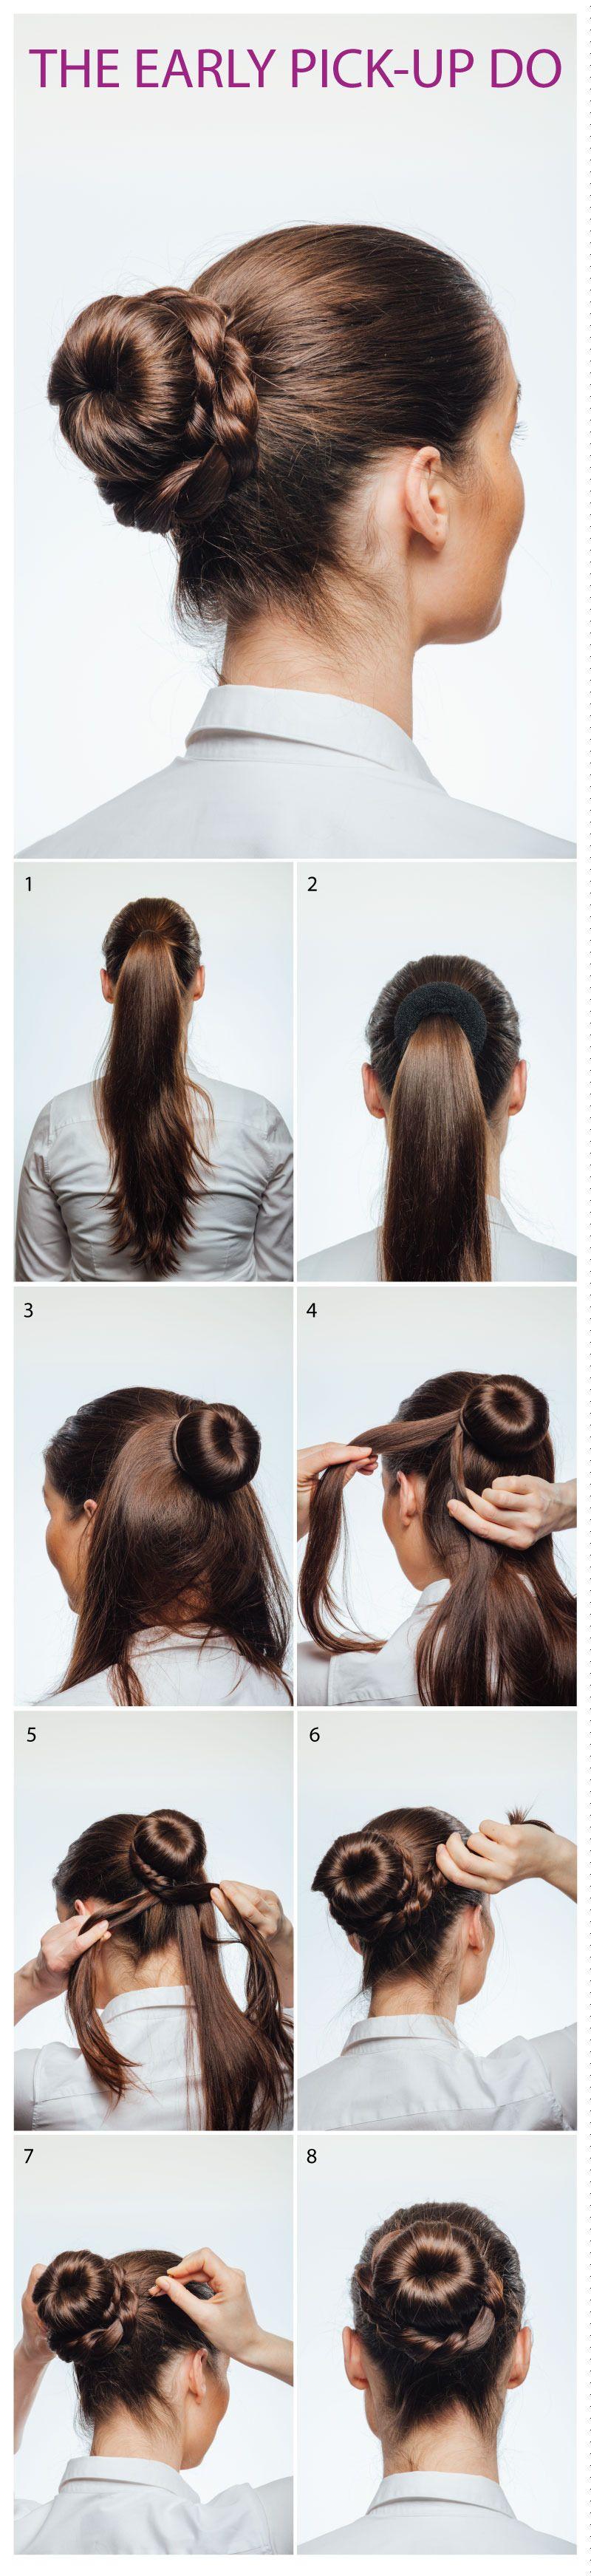 luft stewardess frisur #frisur #stewardess   interview hair